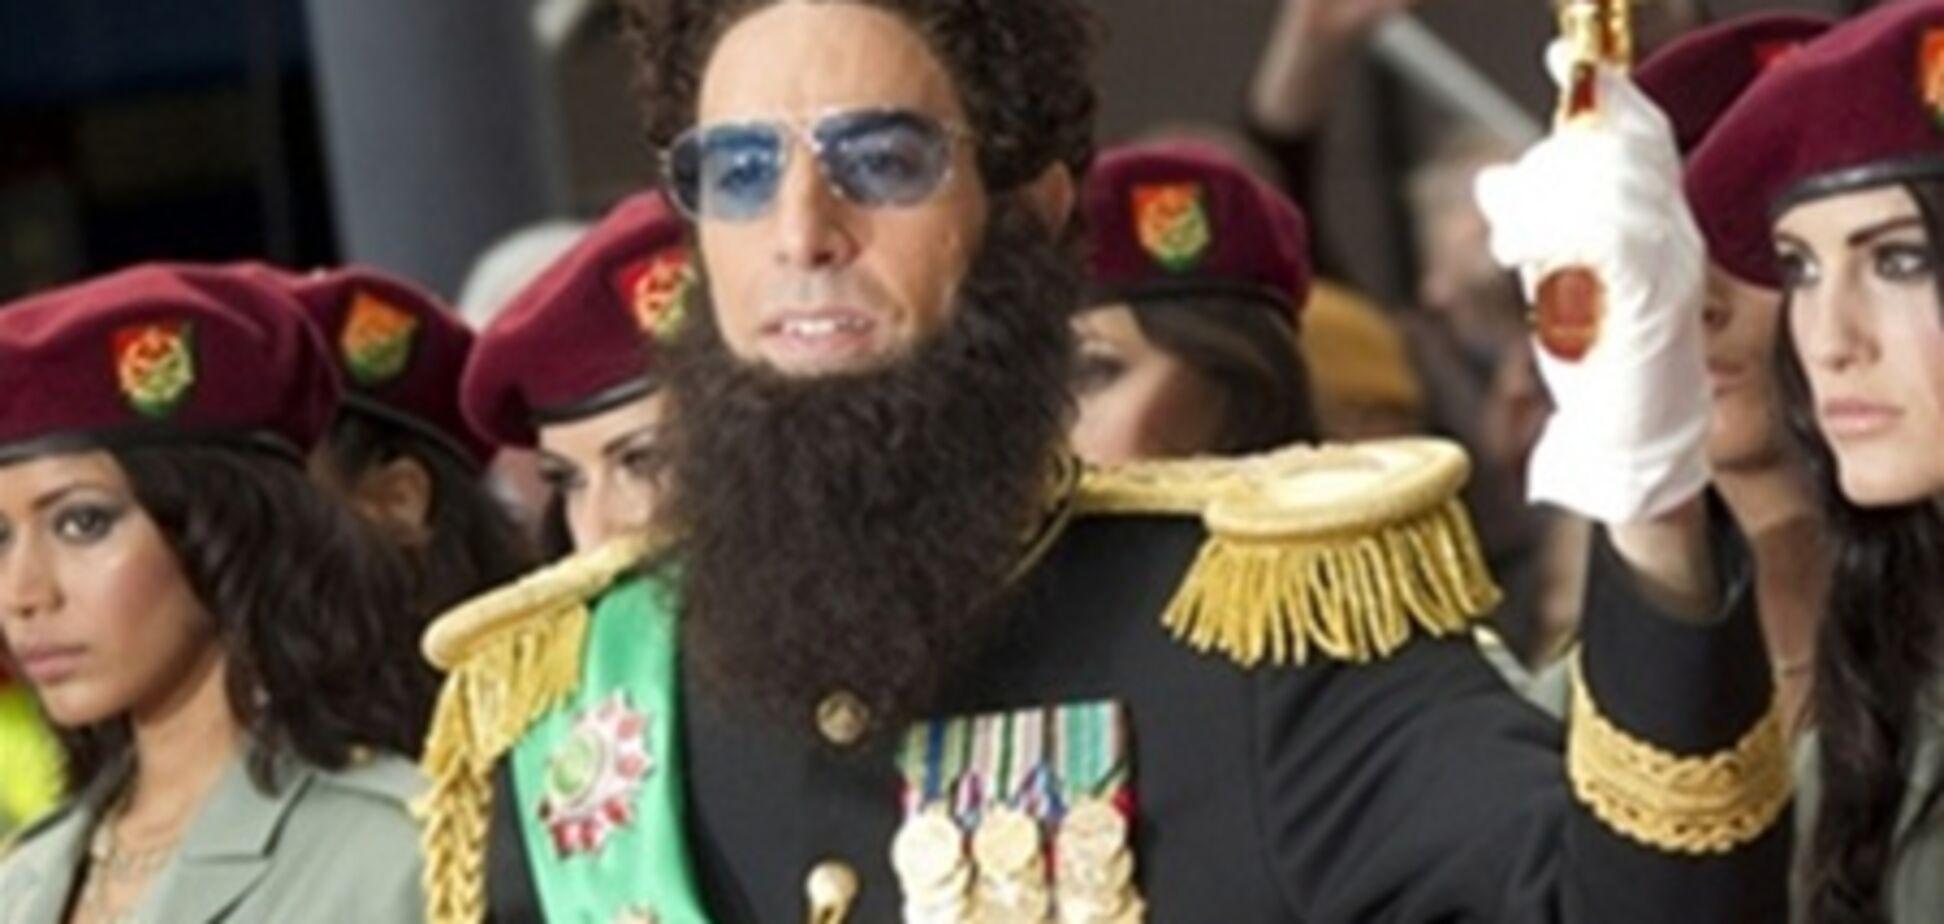 Лидерам Средней Азии не понравился юмор Саши Барона Коэна